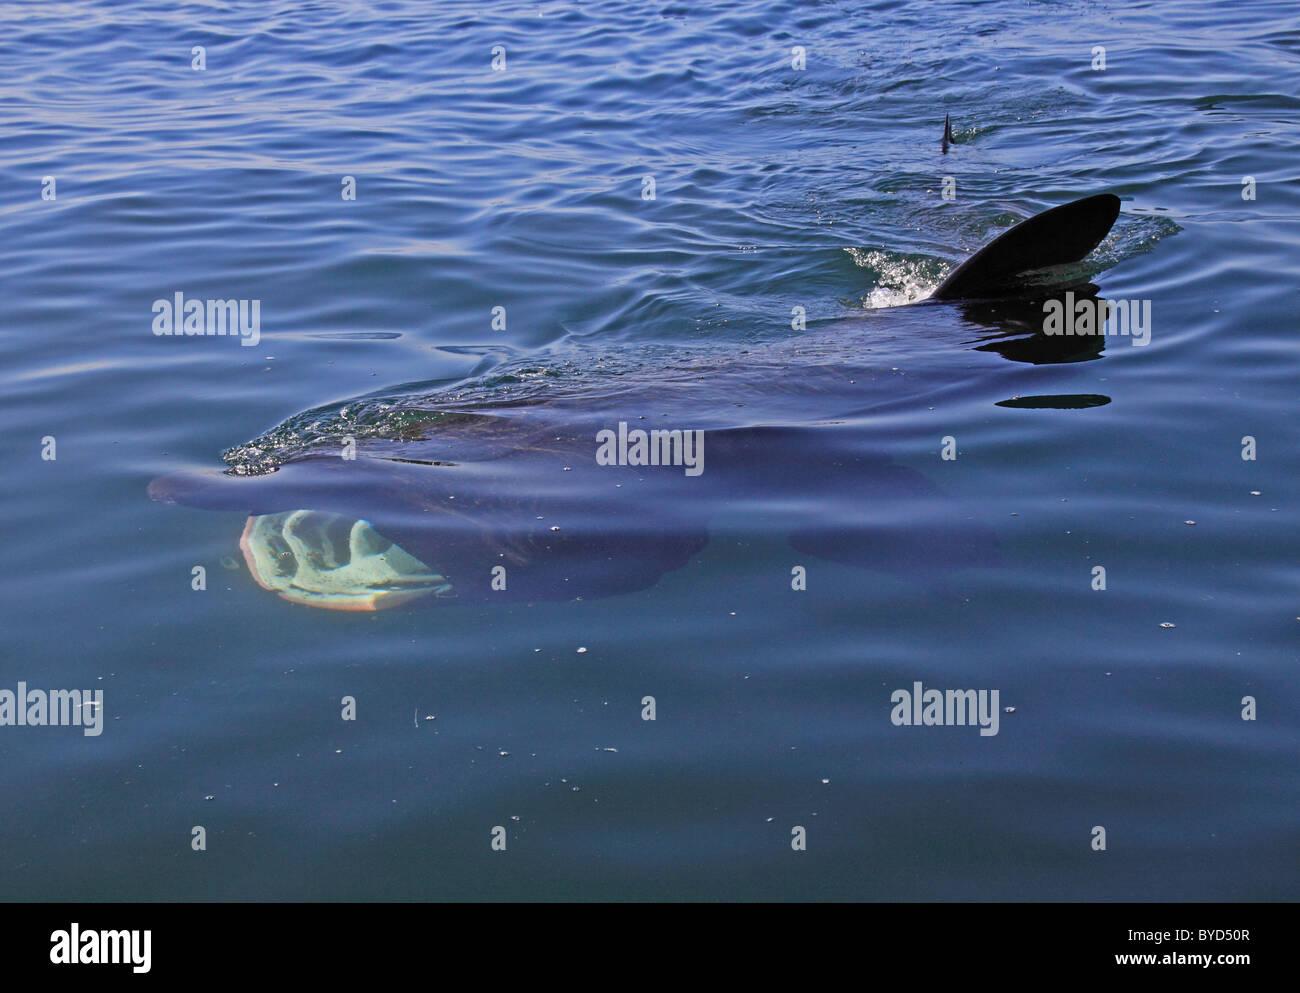 UK basking Shark feeding on Plankton - Stock Image